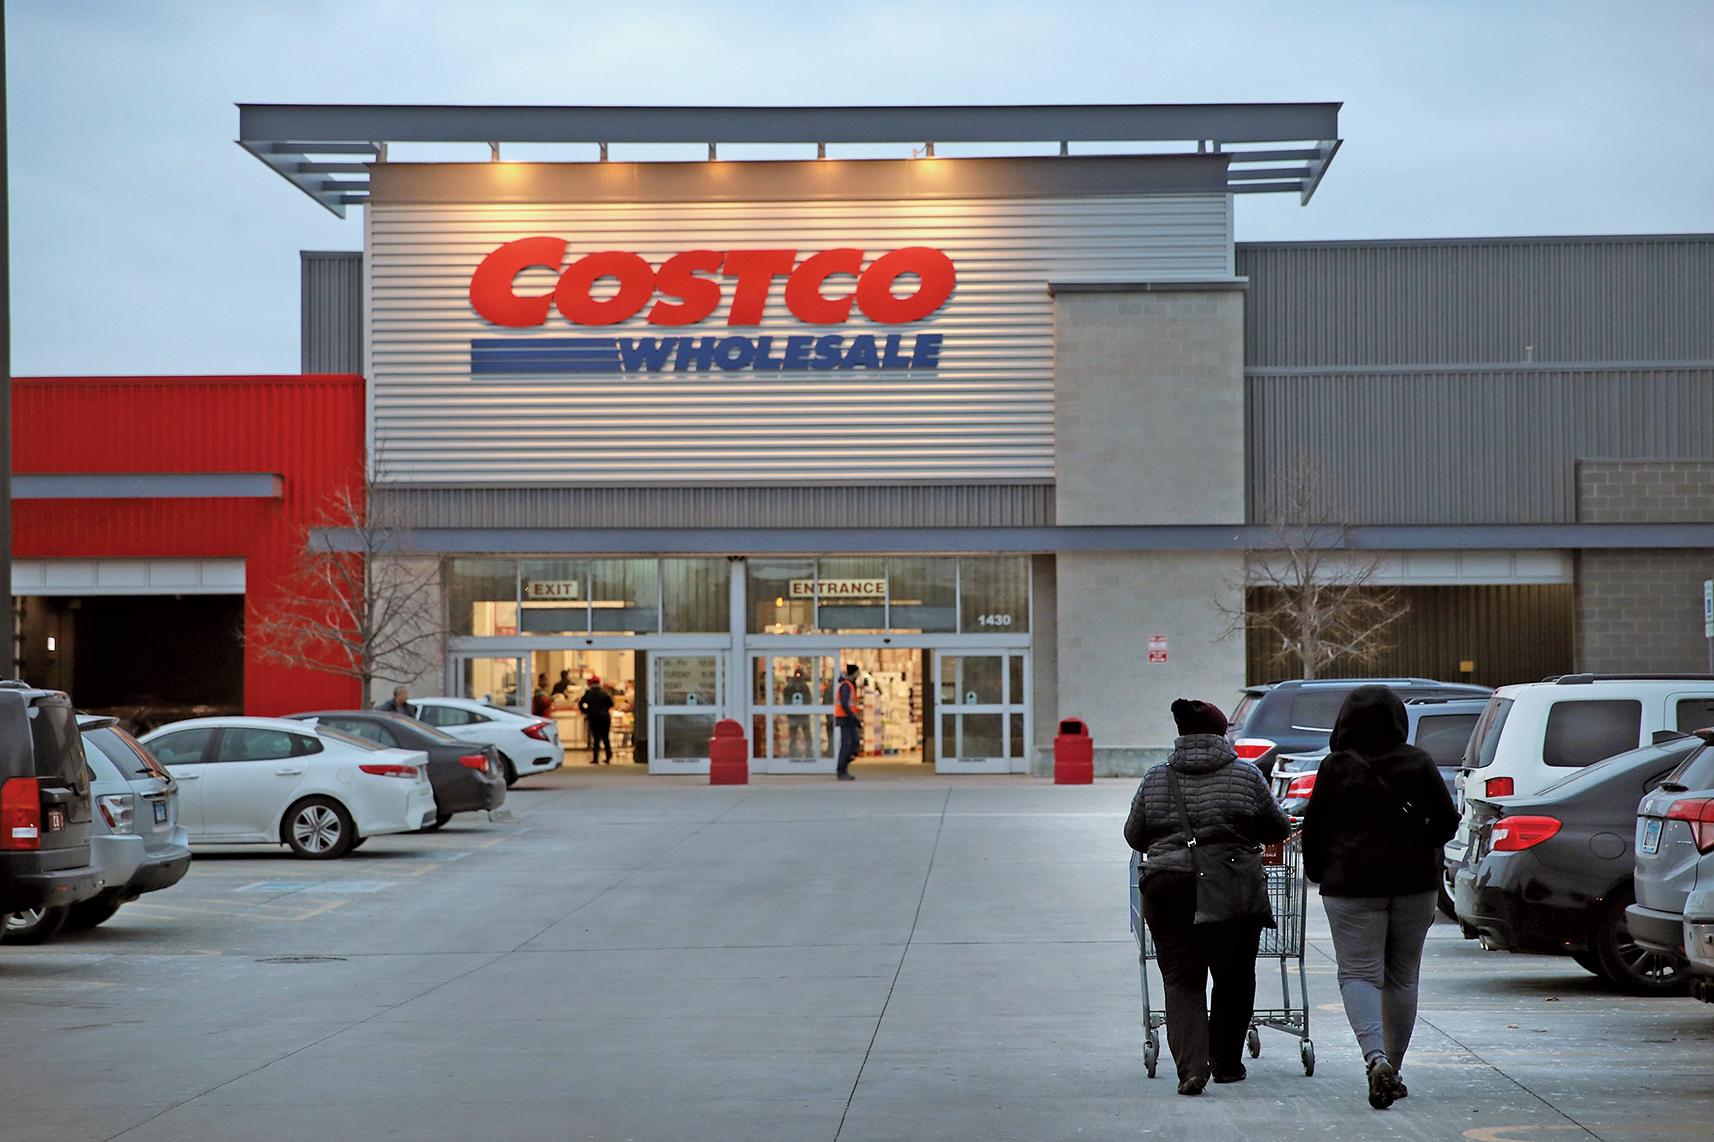 美國會員制倉儲式商店Costco的商品十分豐富,人們在Costco幾乎可以買到日常生活所需的一切用品,且價格合理。圖為芝加哥市的一間Costco門店。(Getty Images)